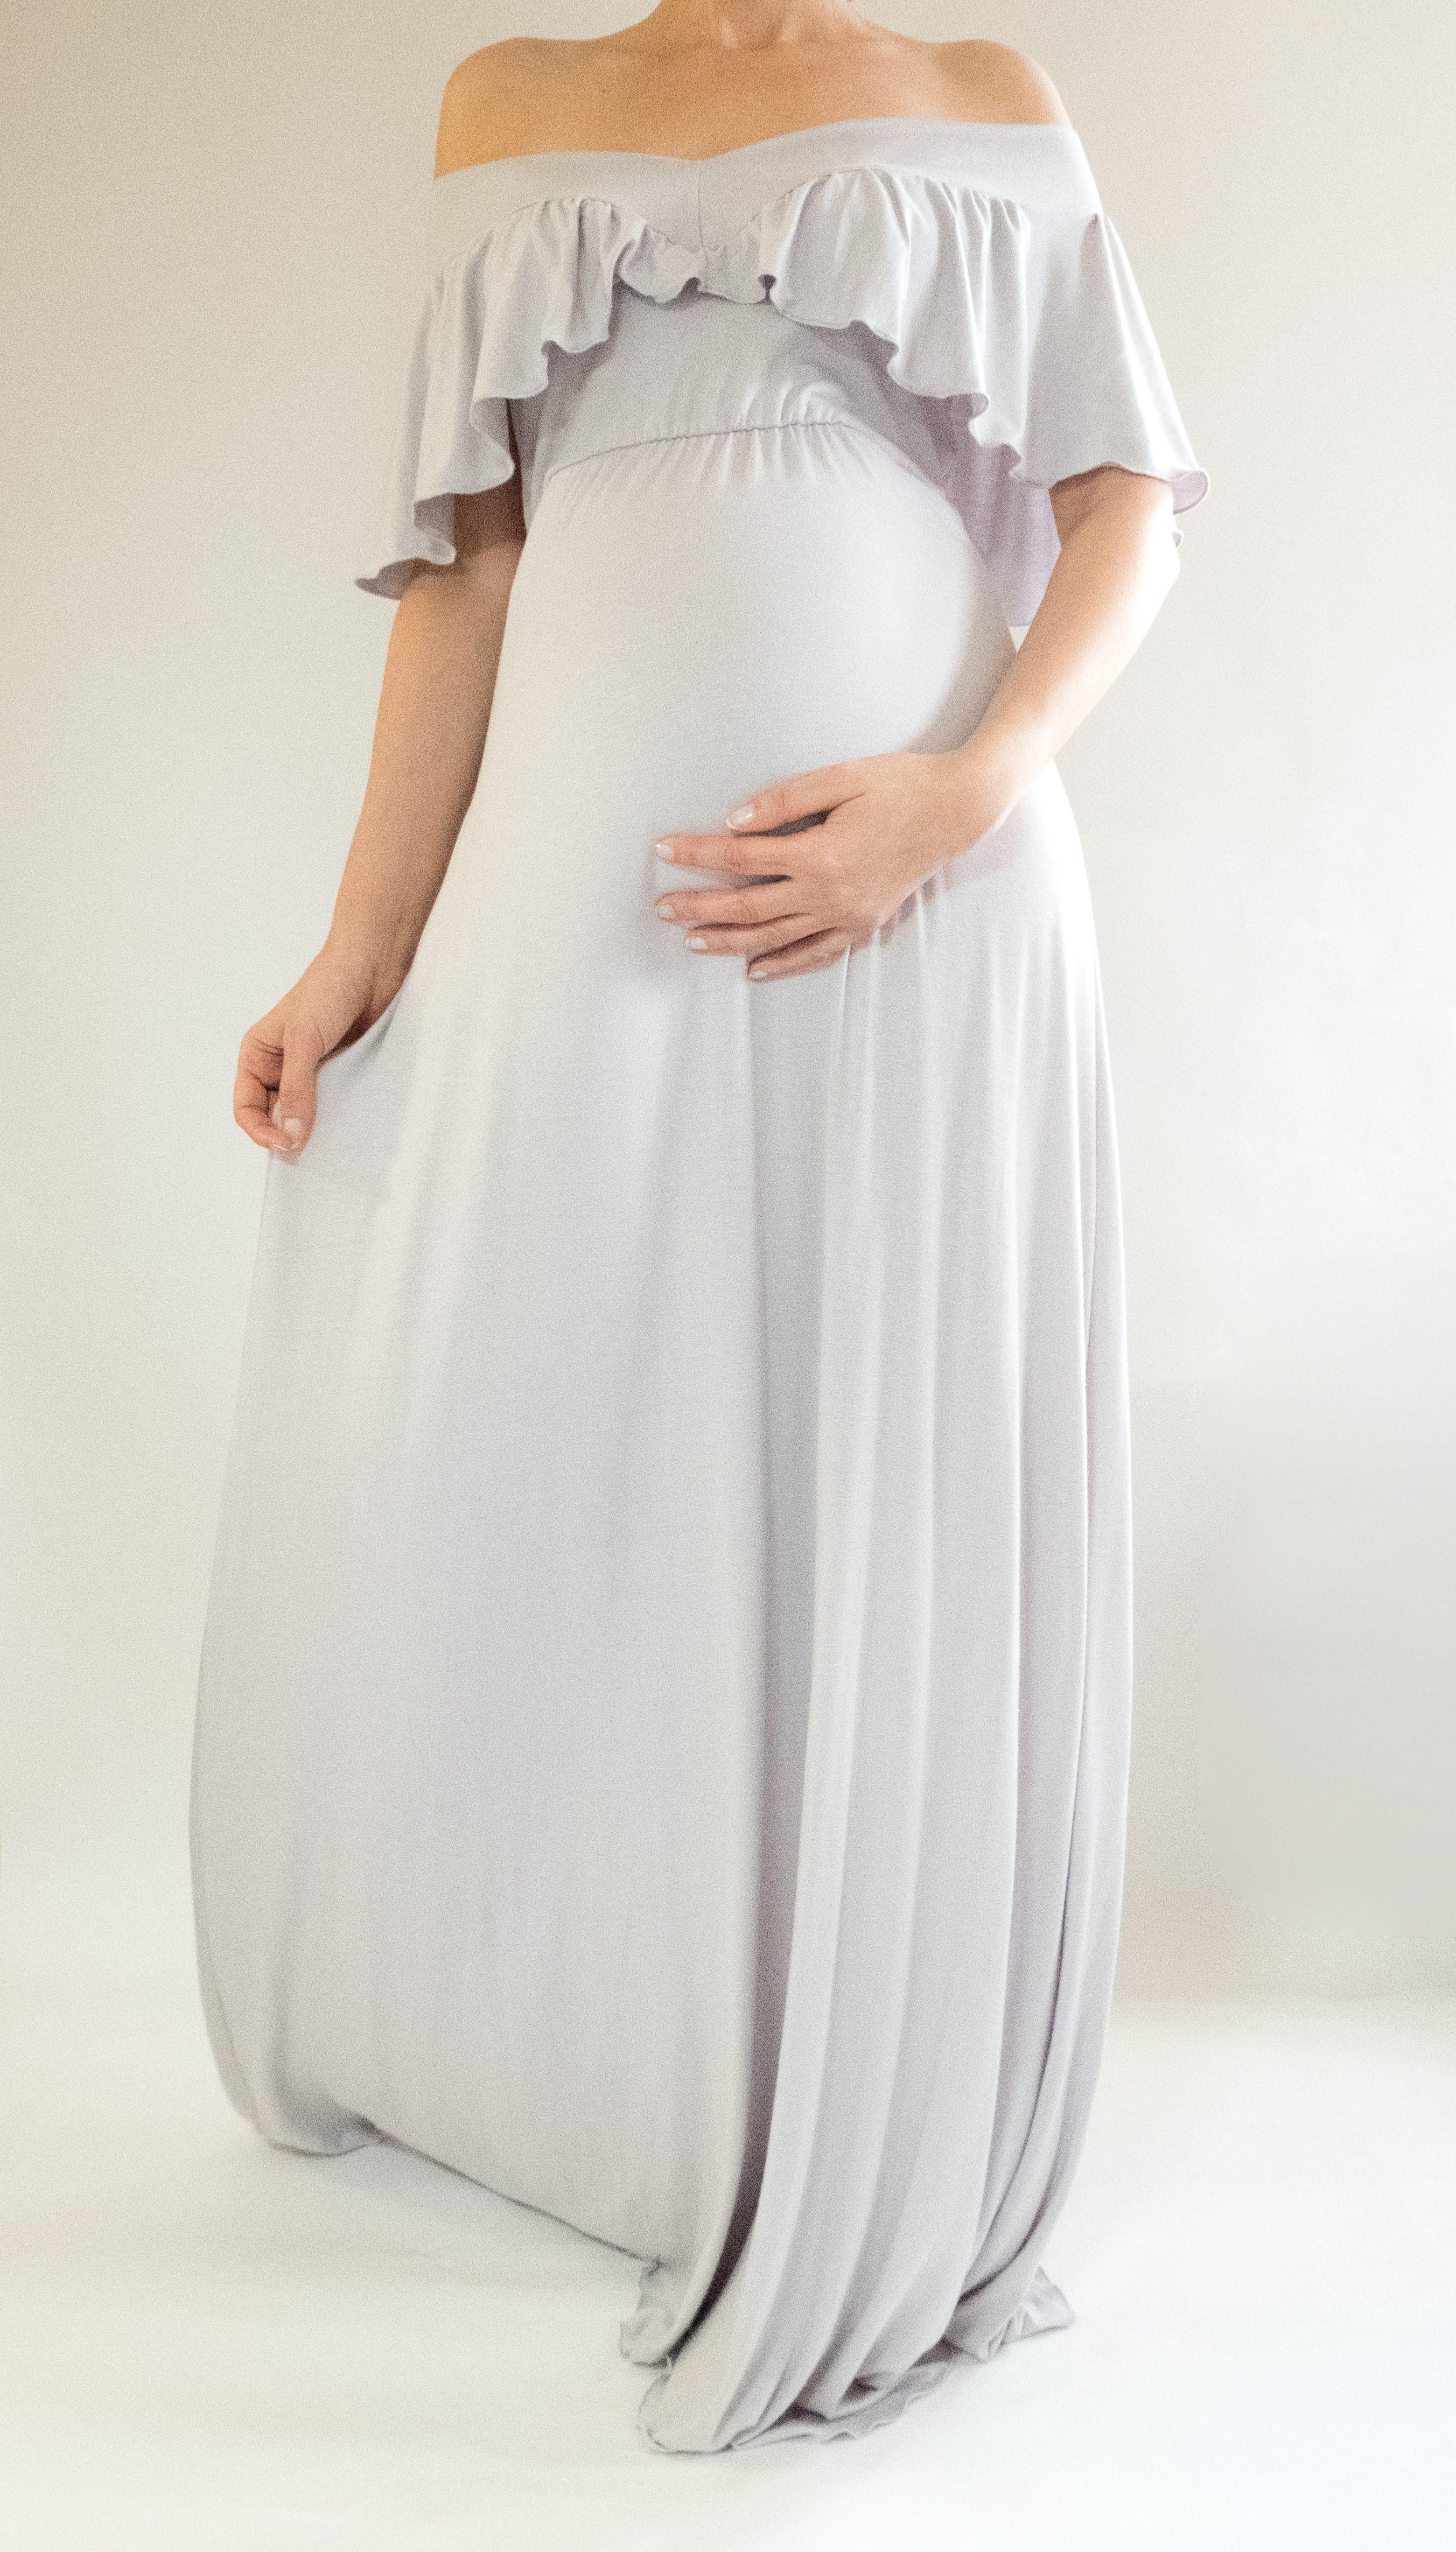 Stylish Baby Shower Dresses : stylish, shower, dresses, Stylish, Maternity, Outfits